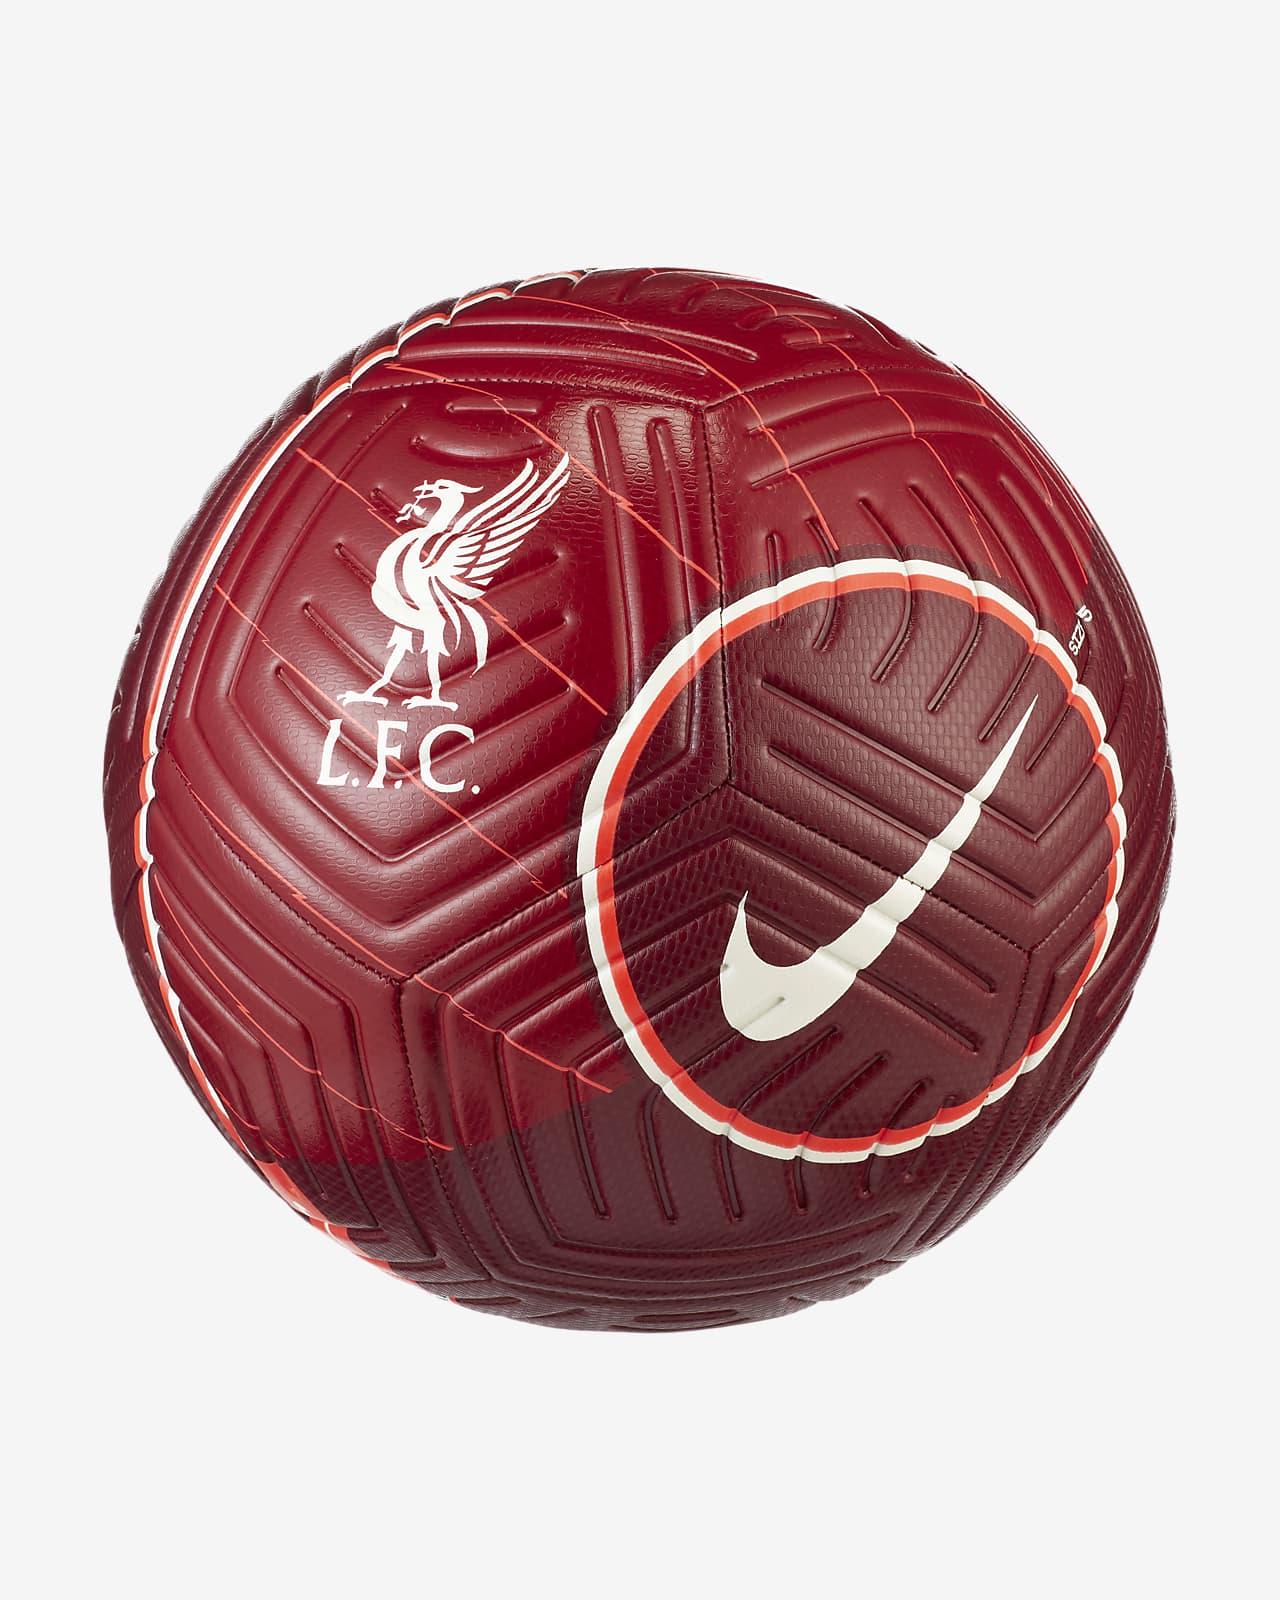 リバプール FC ストライク サッカーボール